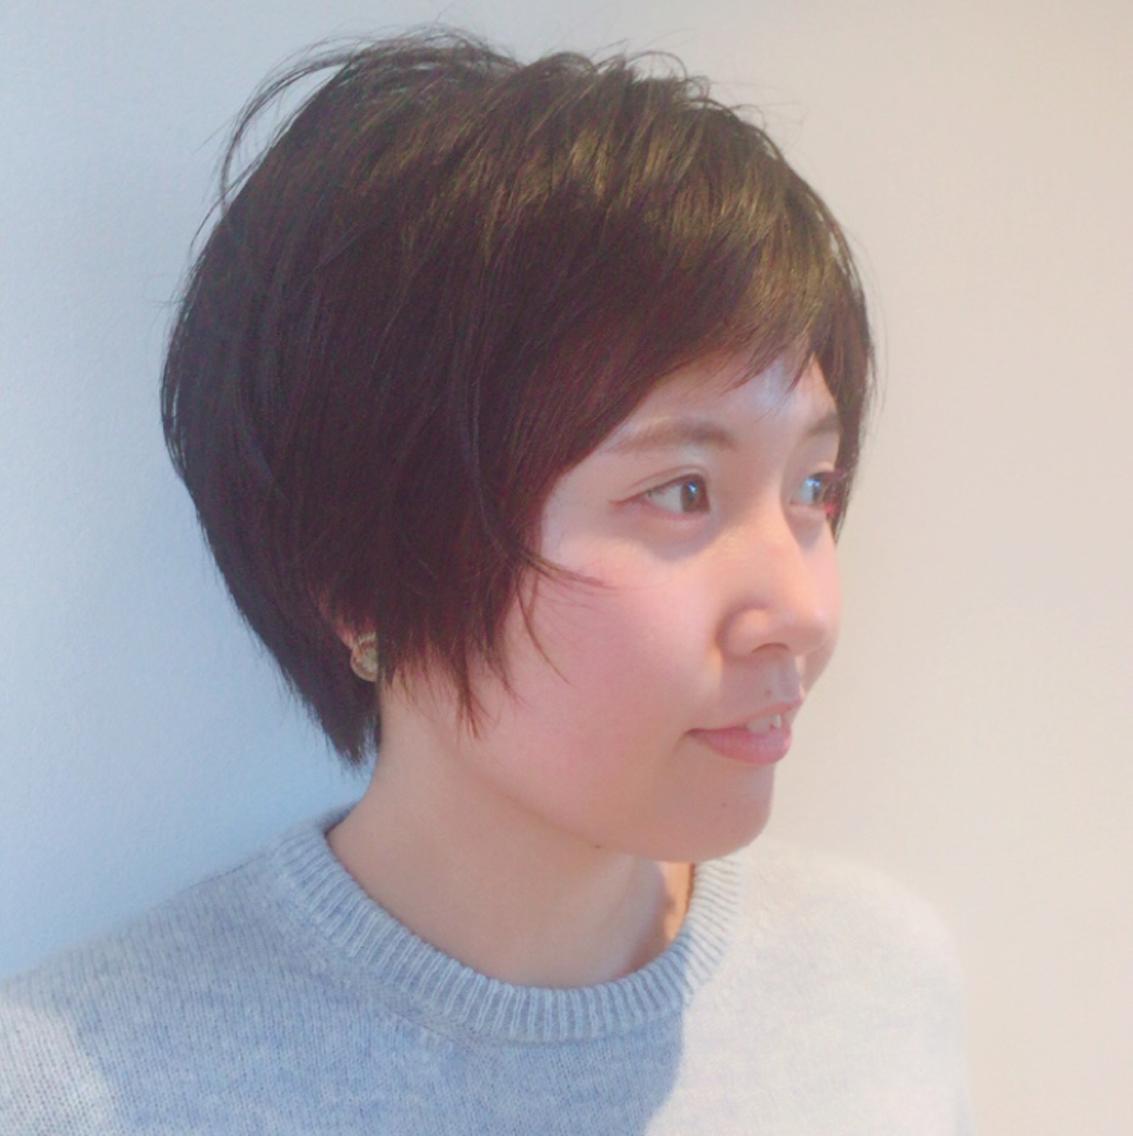 『360°オシャレ美フォルム✨』『本川越駅徒歩2分✨』